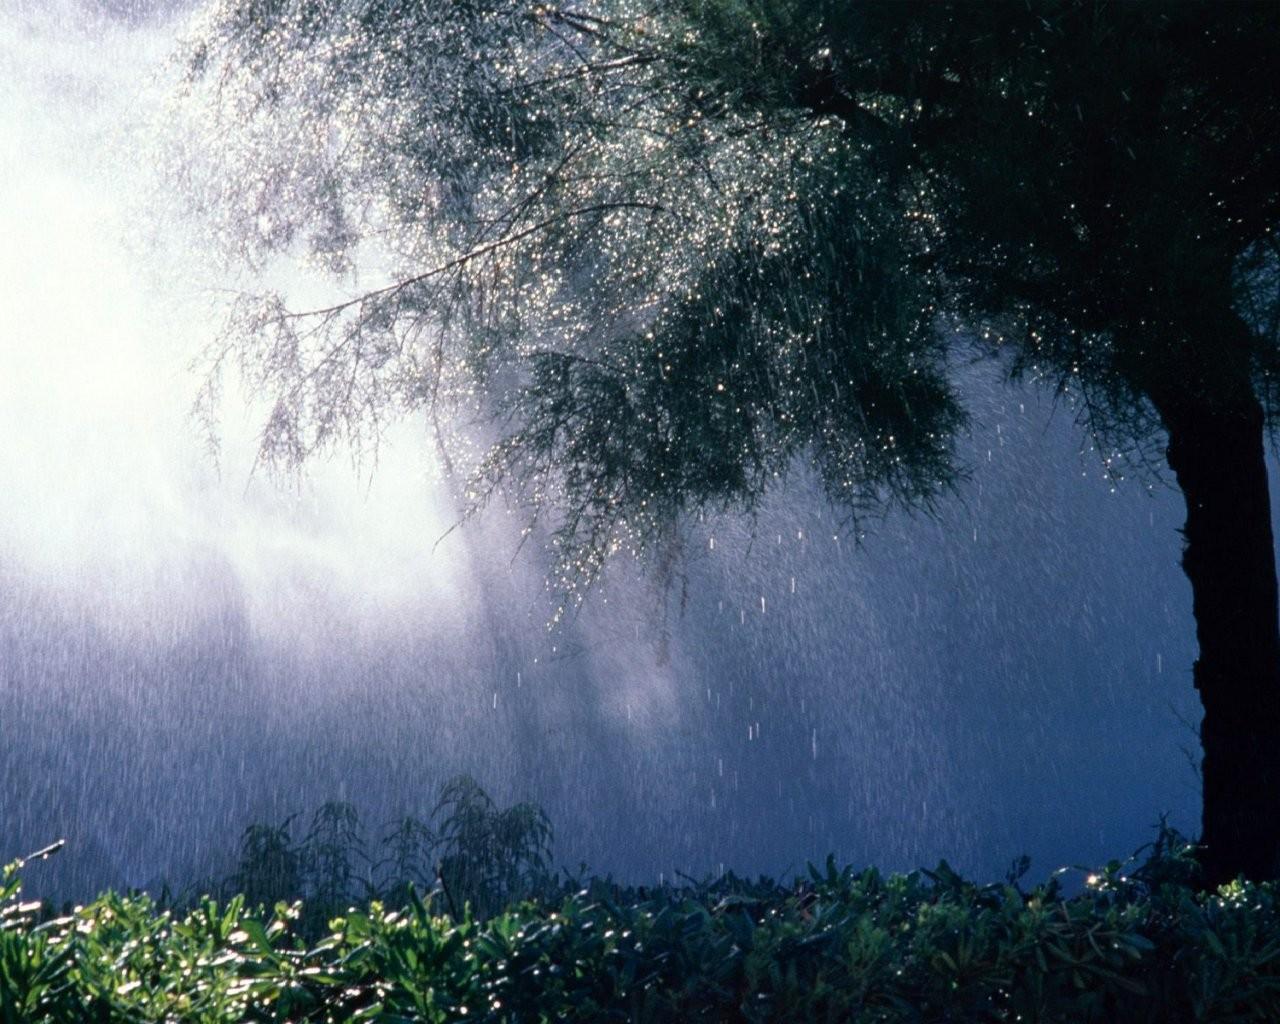 Картинка дождь в лесу